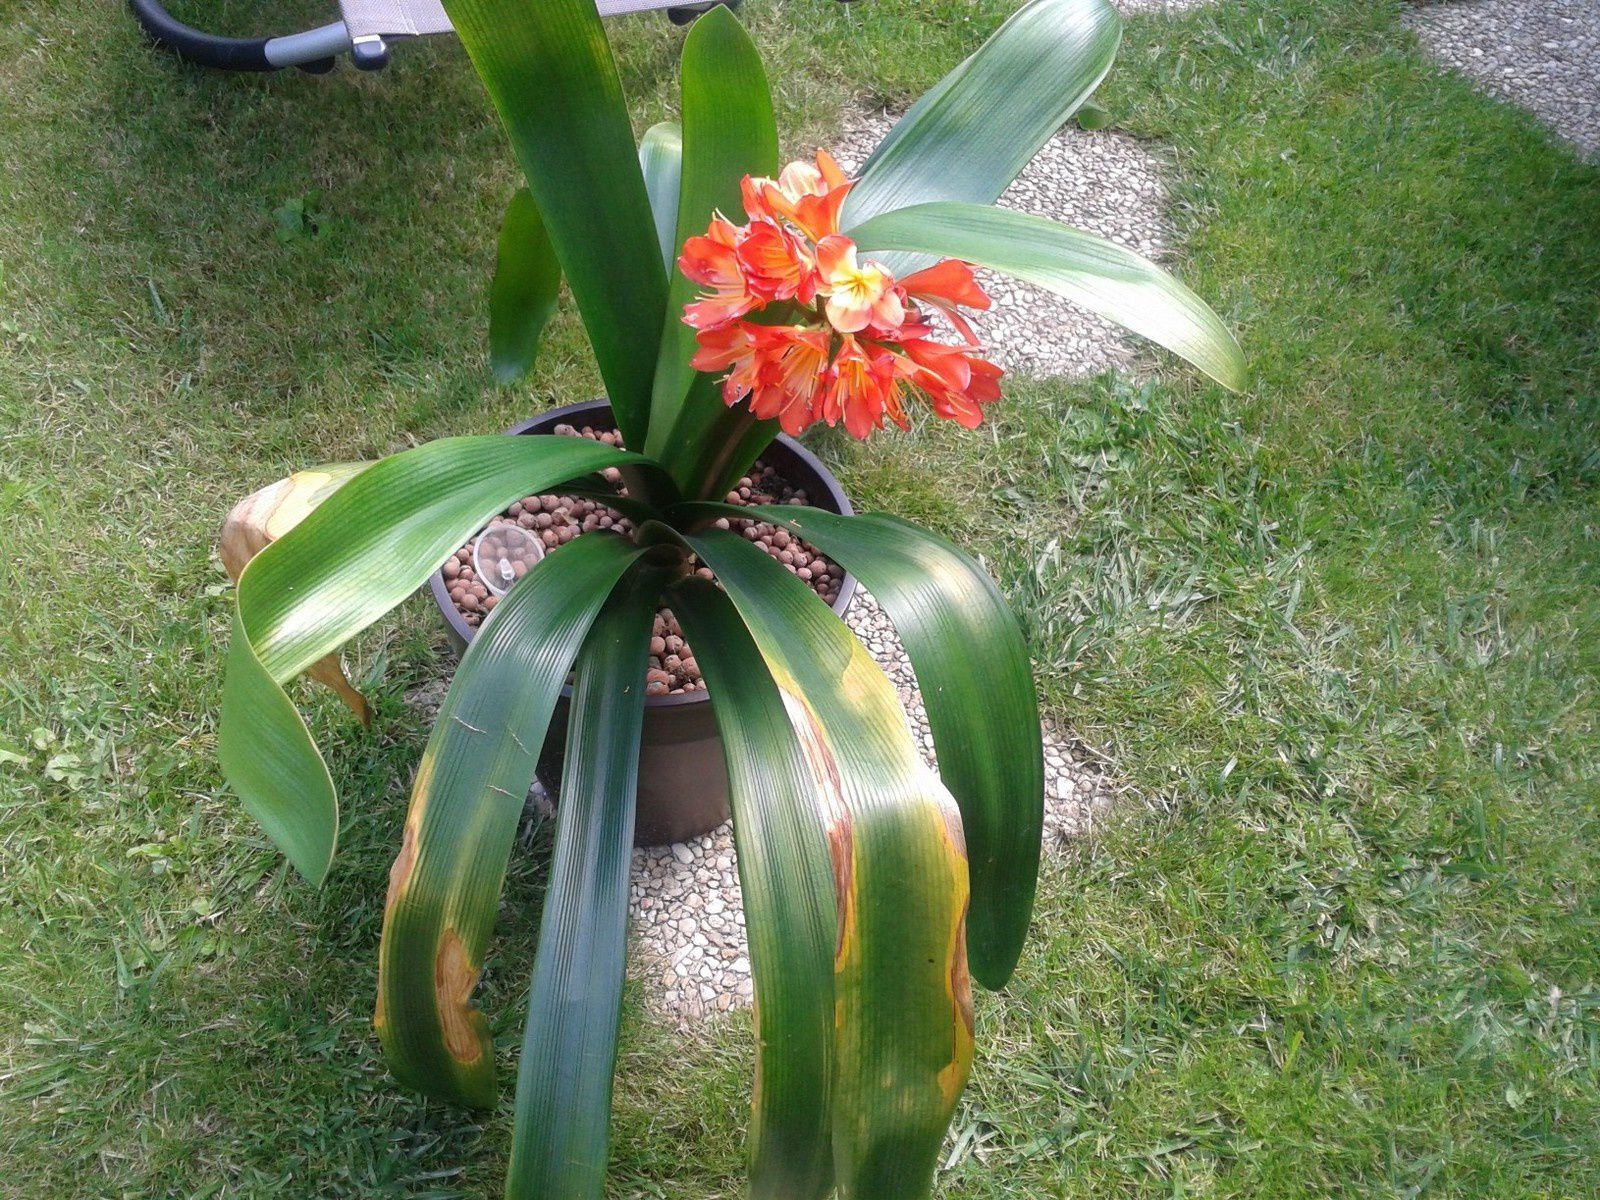 Plante , reçu en cadeau.. Le pot est un précédent  cadeau malheureusment la plante n'avait pas survécue